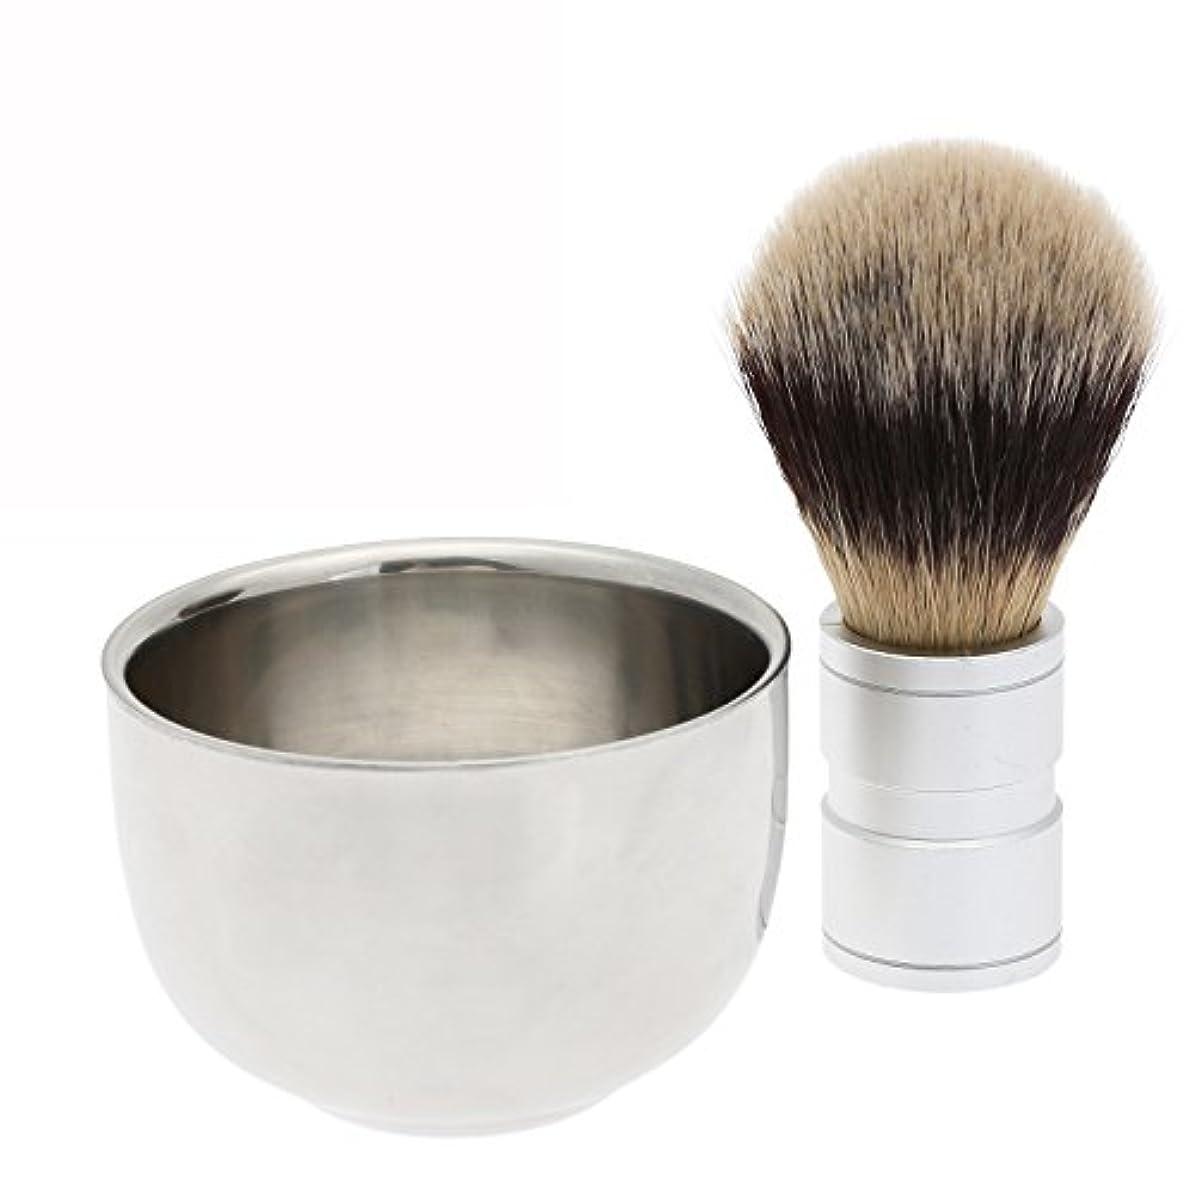 ランダムブランデー後継2PC/セット メンズシェービング用 シェービングブラシ +ステンレス鋼のボウルマグカップ ギフト 理容 洗顔 髭剃り